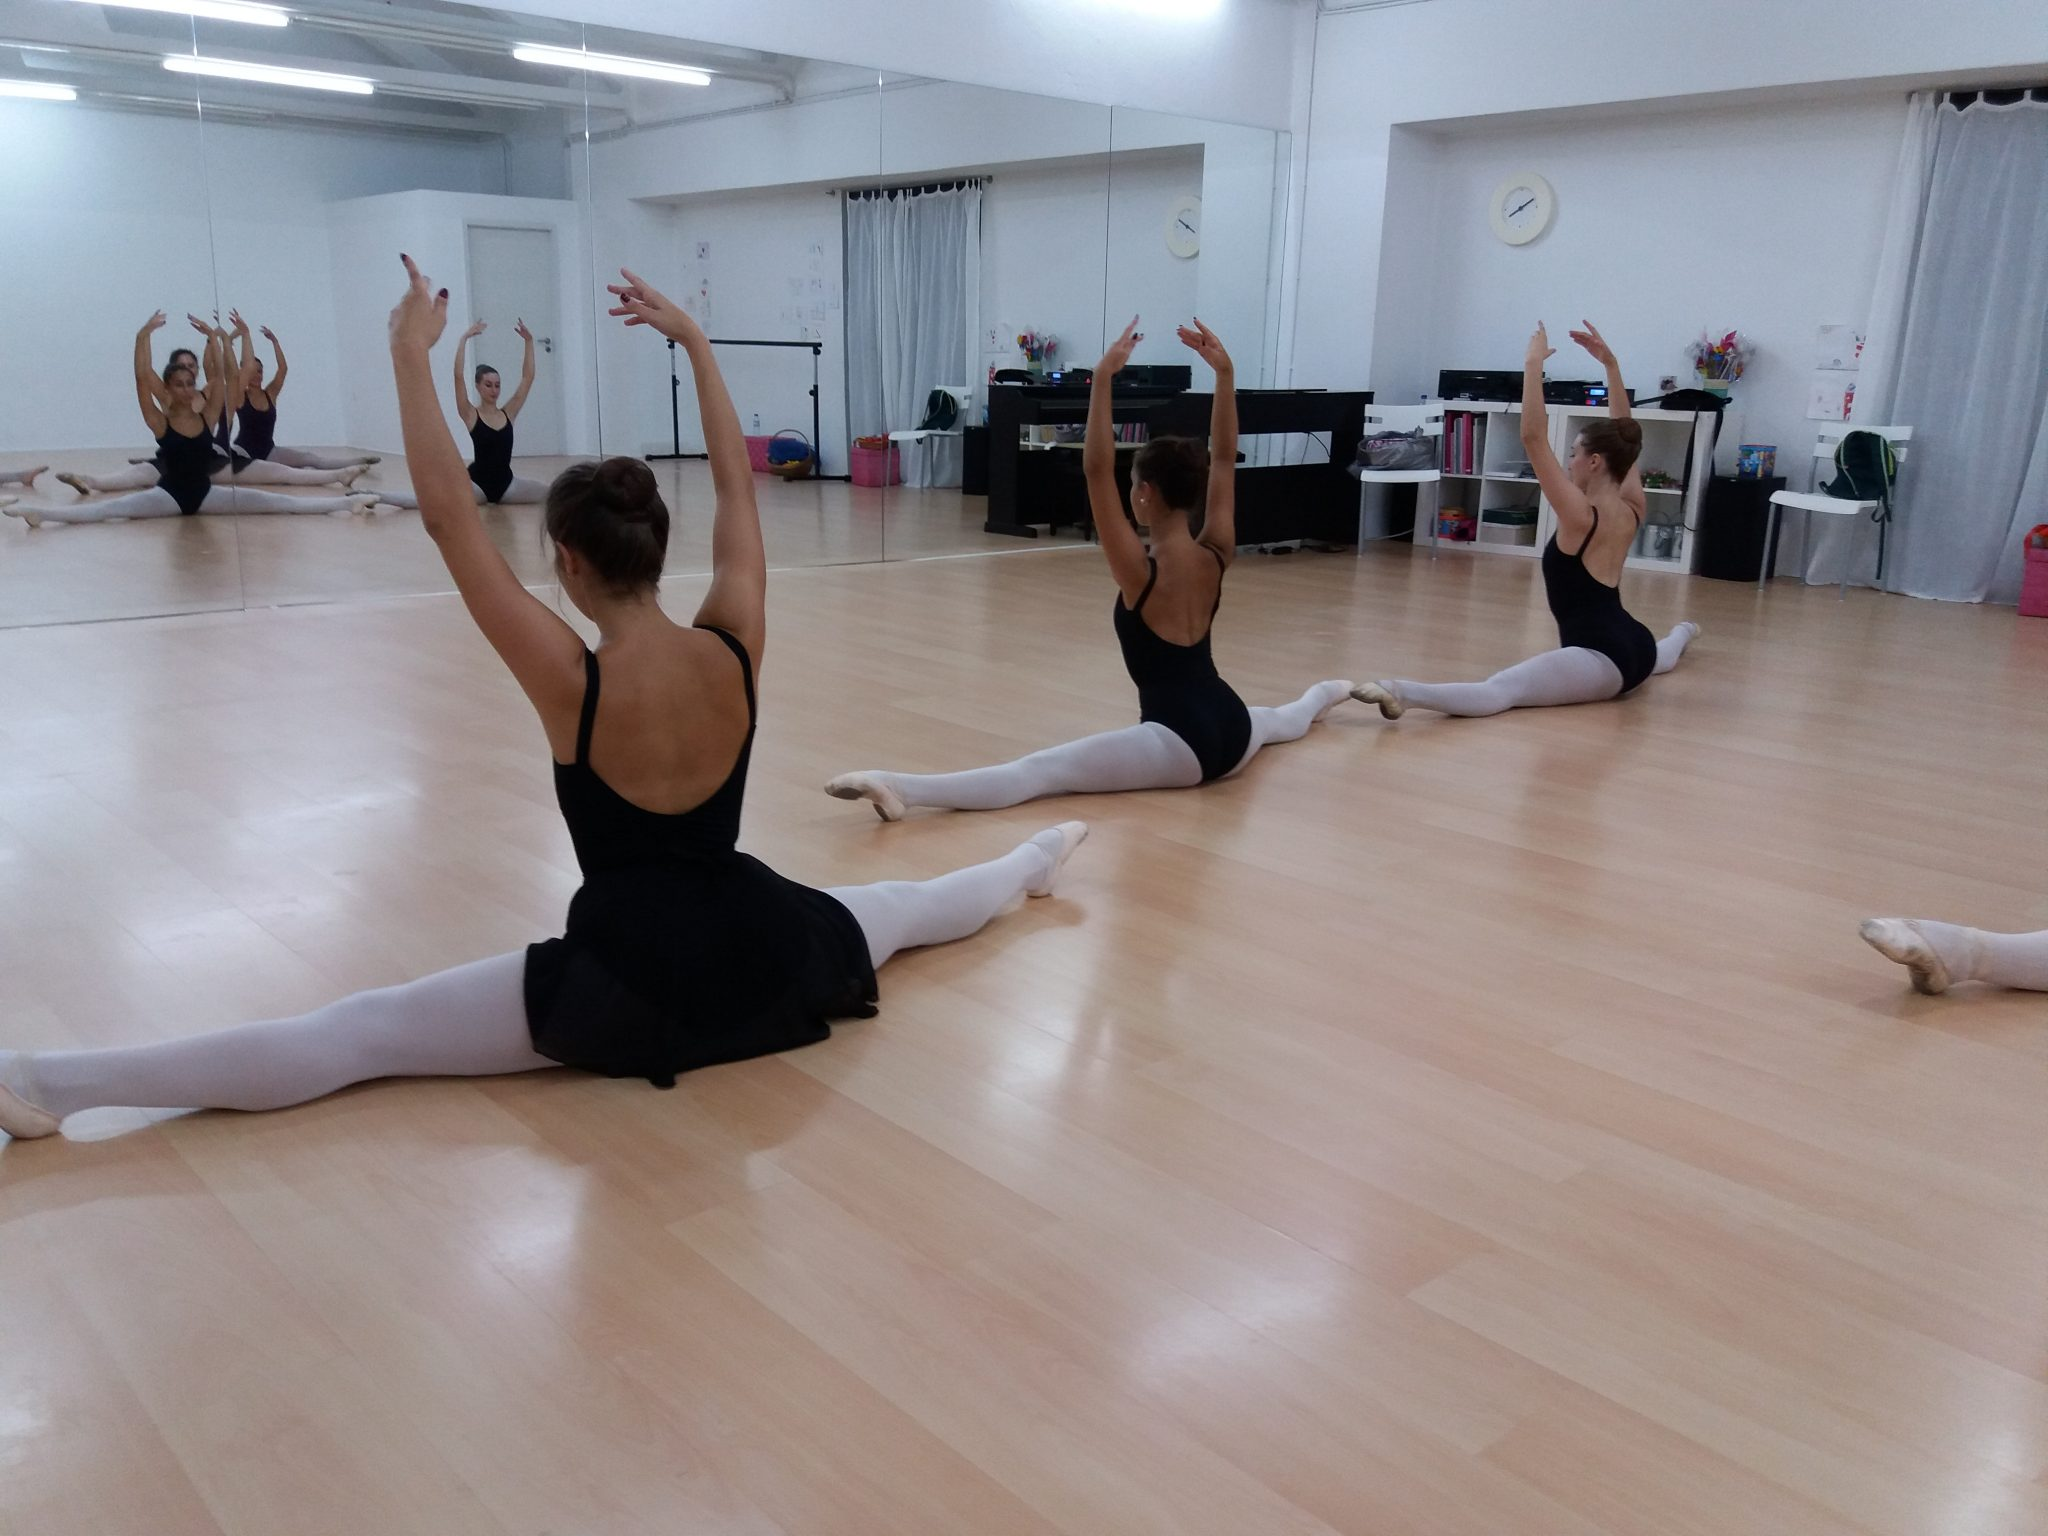 Barra no Chão - Flexibilidade e Fortalecimento muscular para Bailarinos